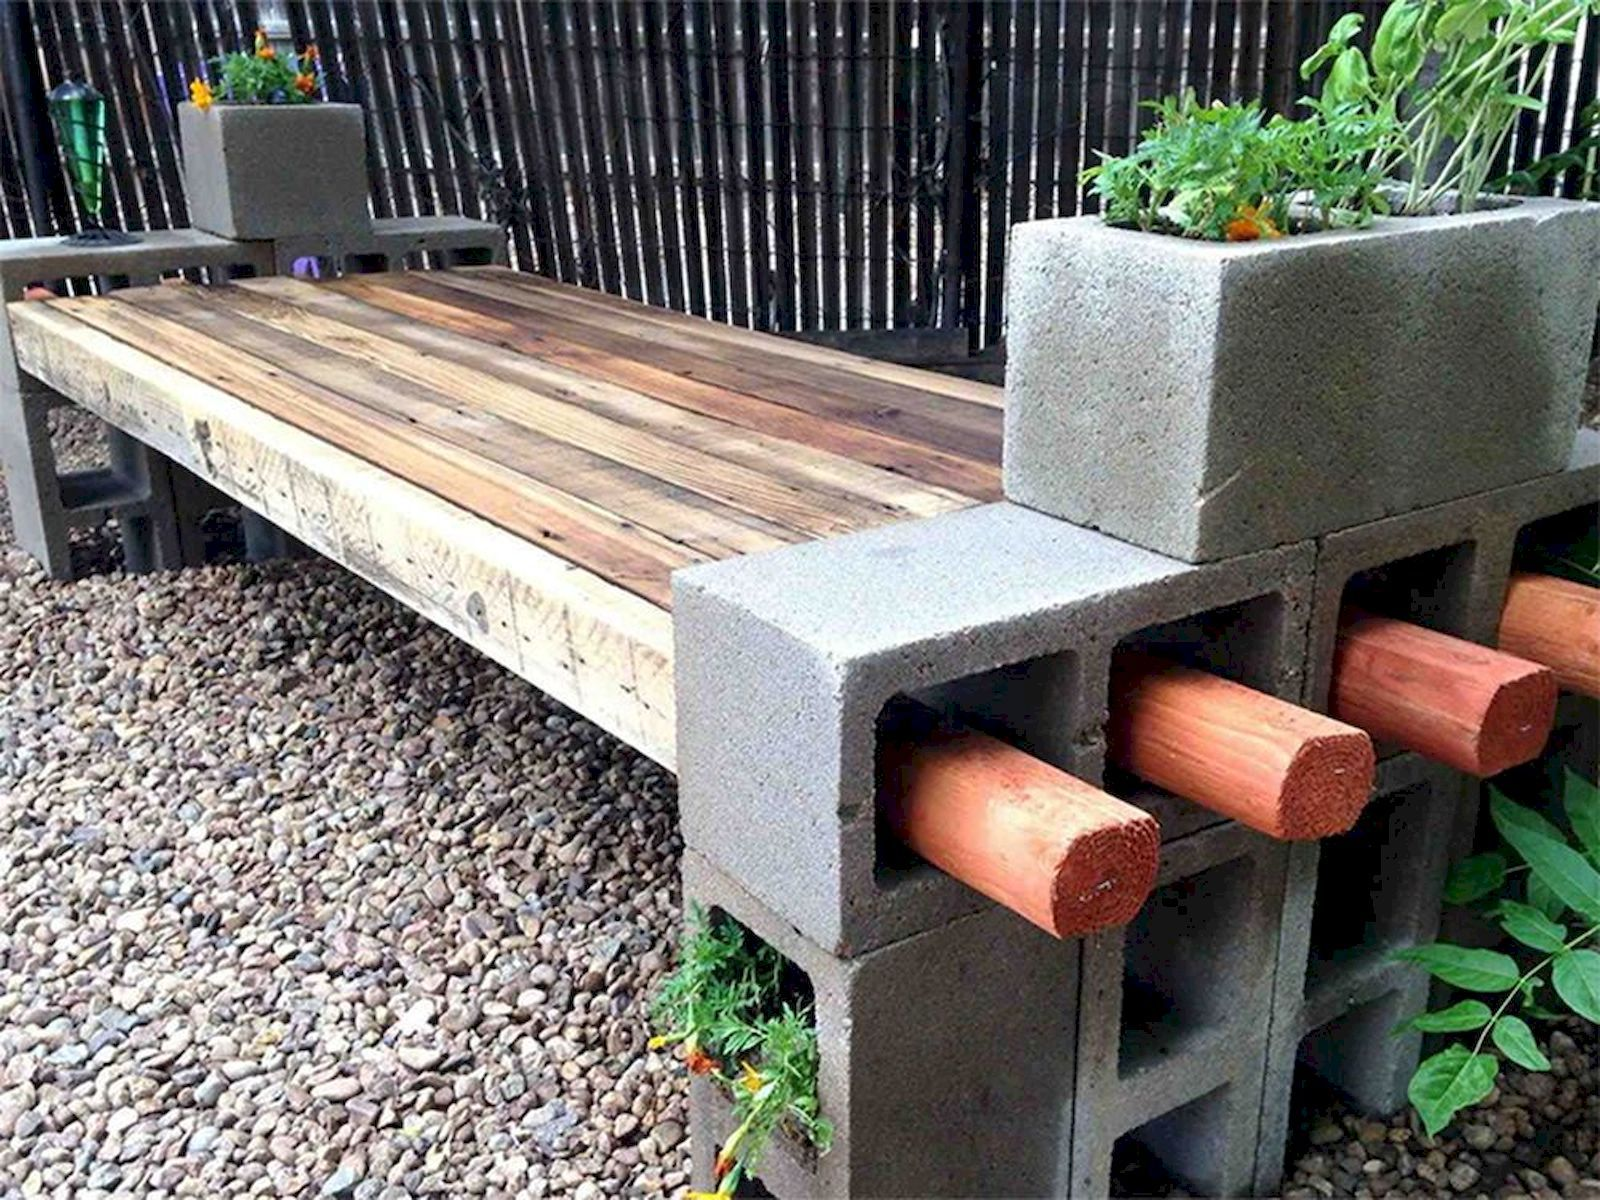 Diy Cinder Block Furniture Designs Cinder Block Furniture Concrete Garden Bench Cinder Block Garden